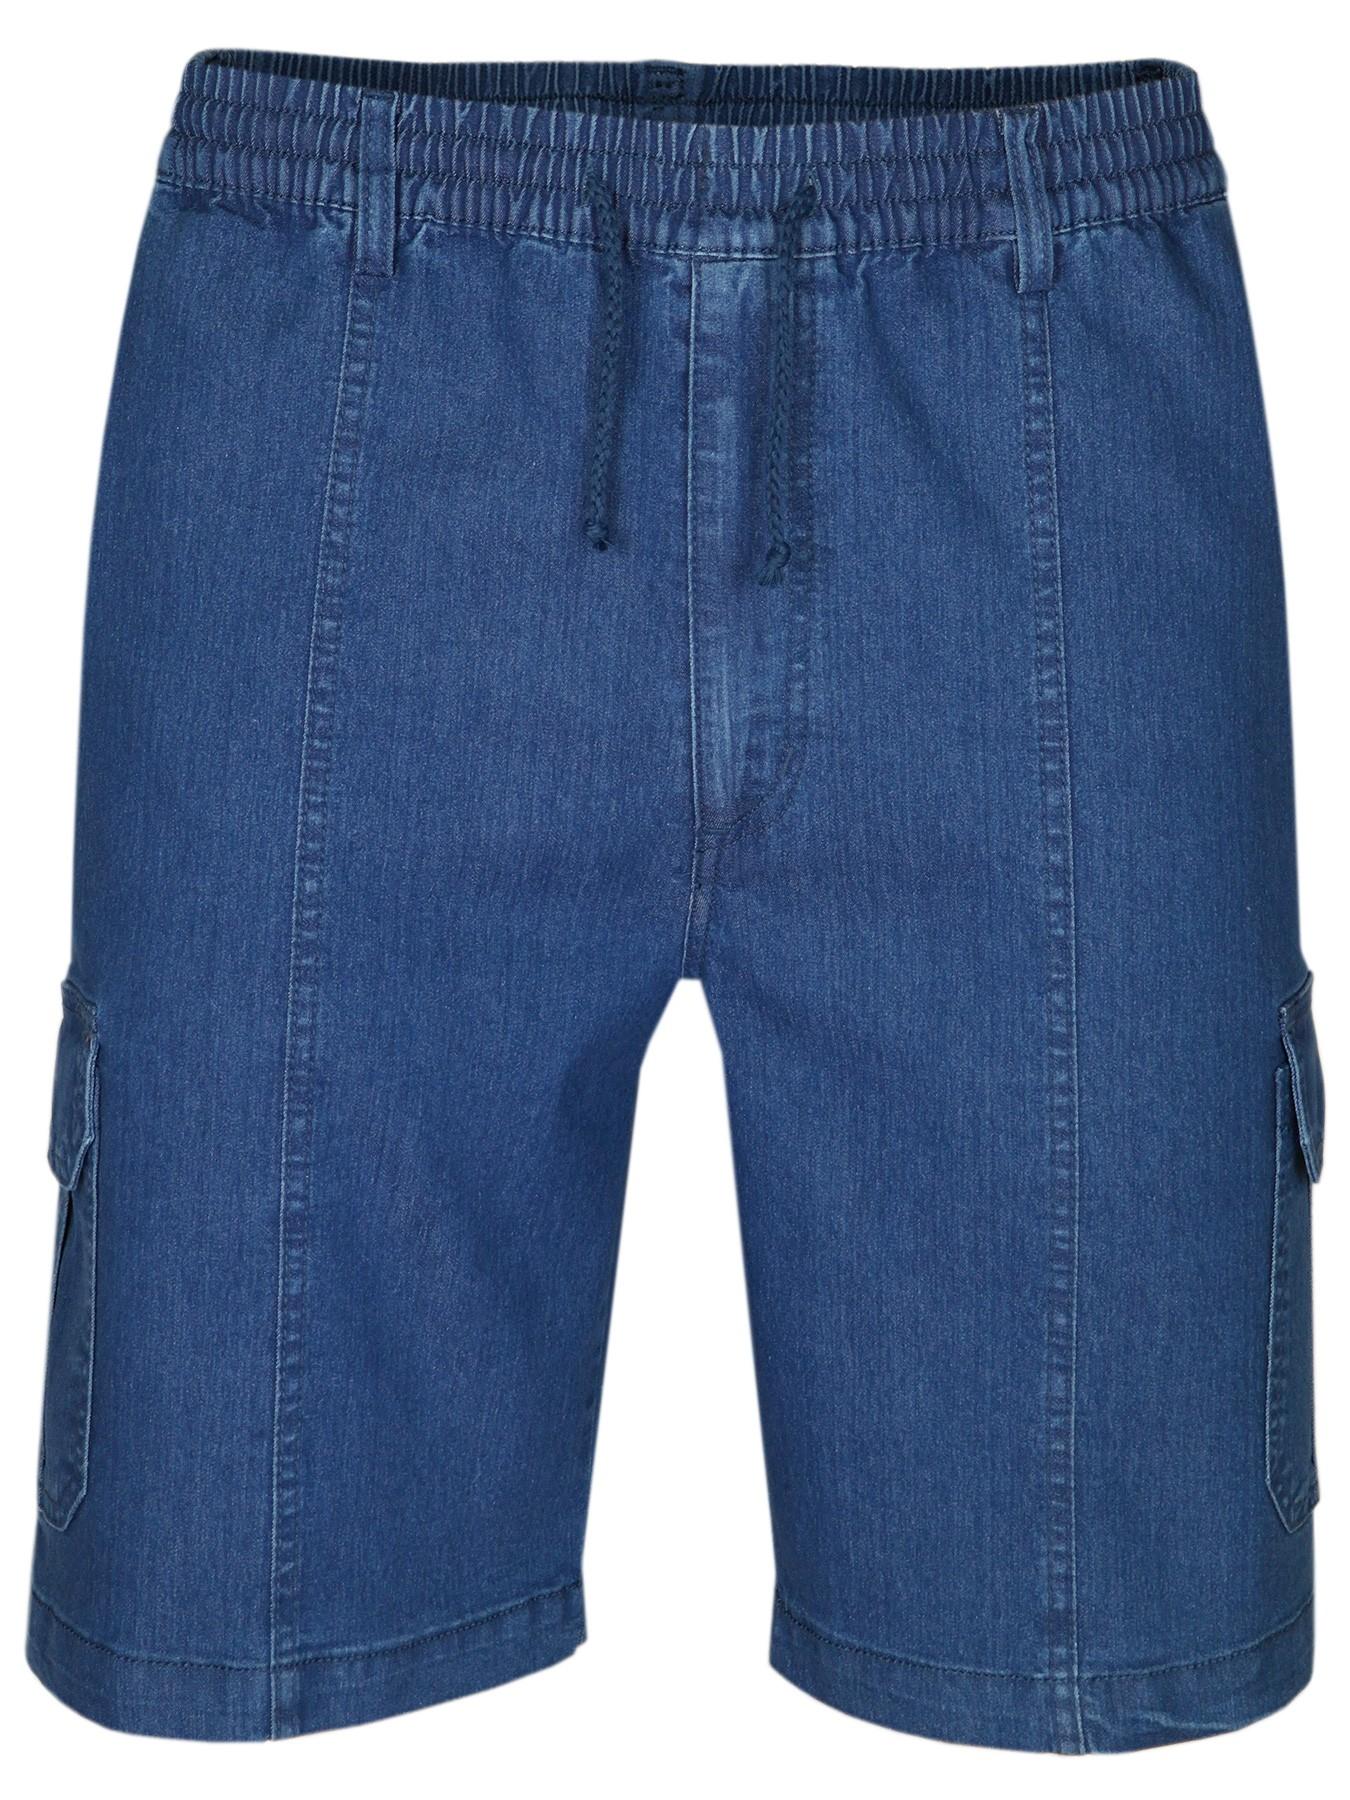 Herren Stretch Jeans-Shorts mit Schlupfbund - Blue